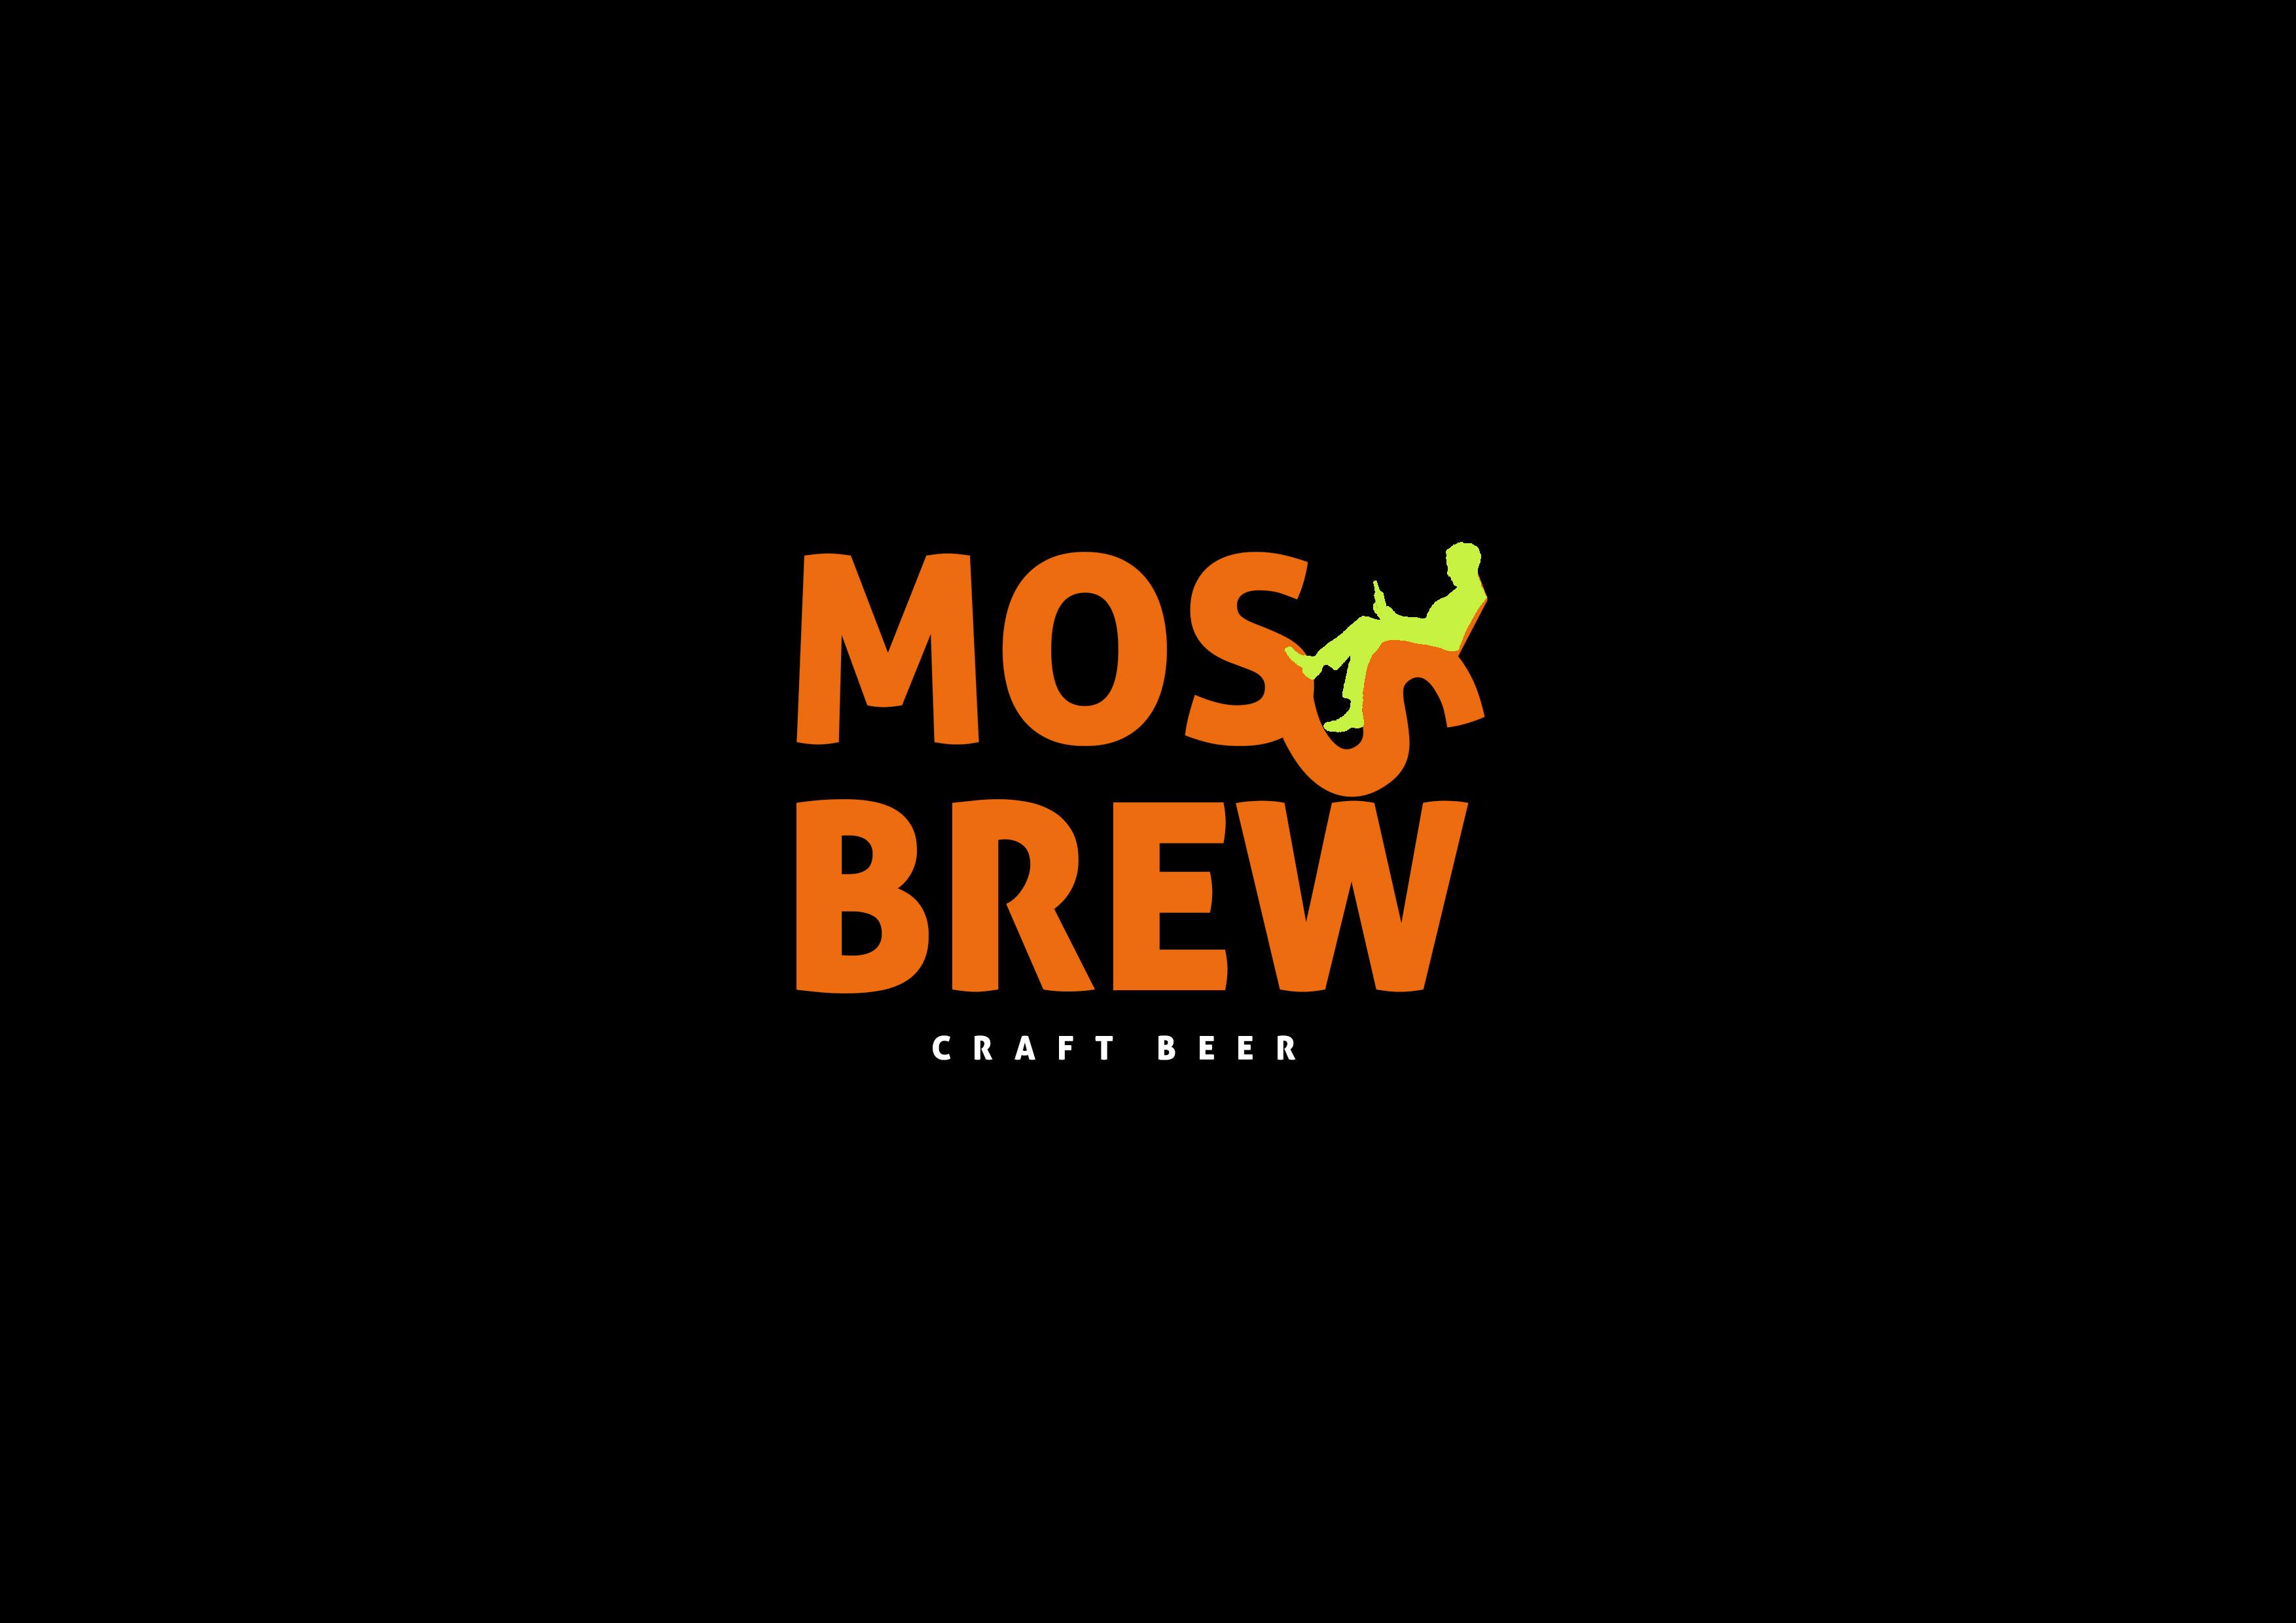 Логотип для пивоварни фото f_996598aded0e7708.jpg